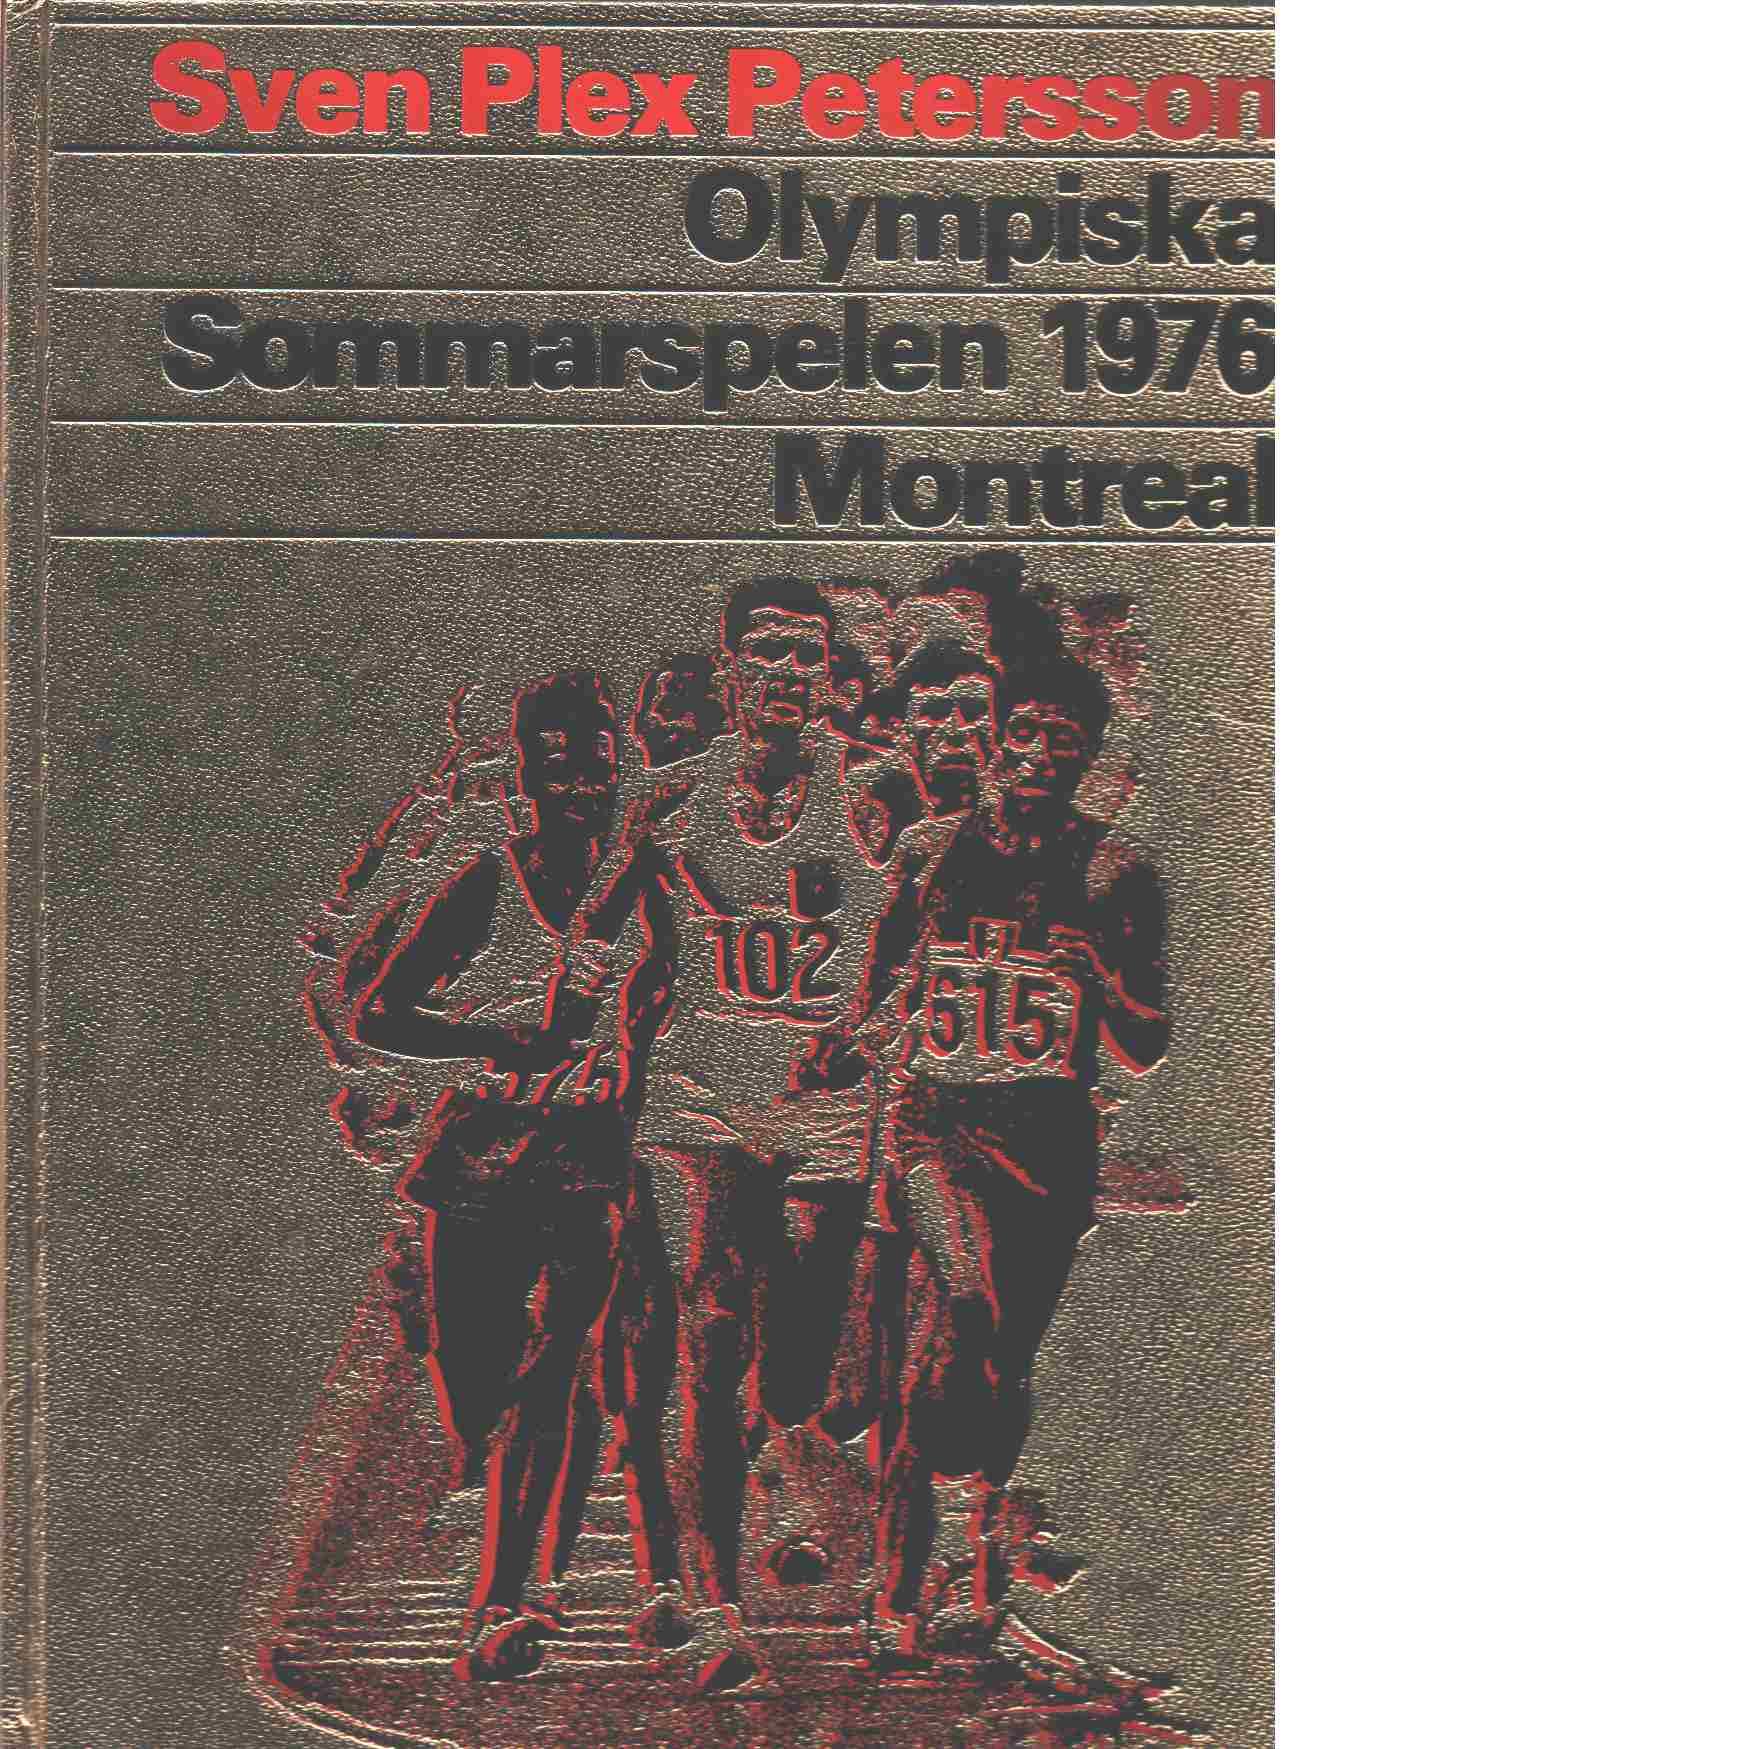 Olympiska sommarspelen 1976 Montreal - Petersson, Sven